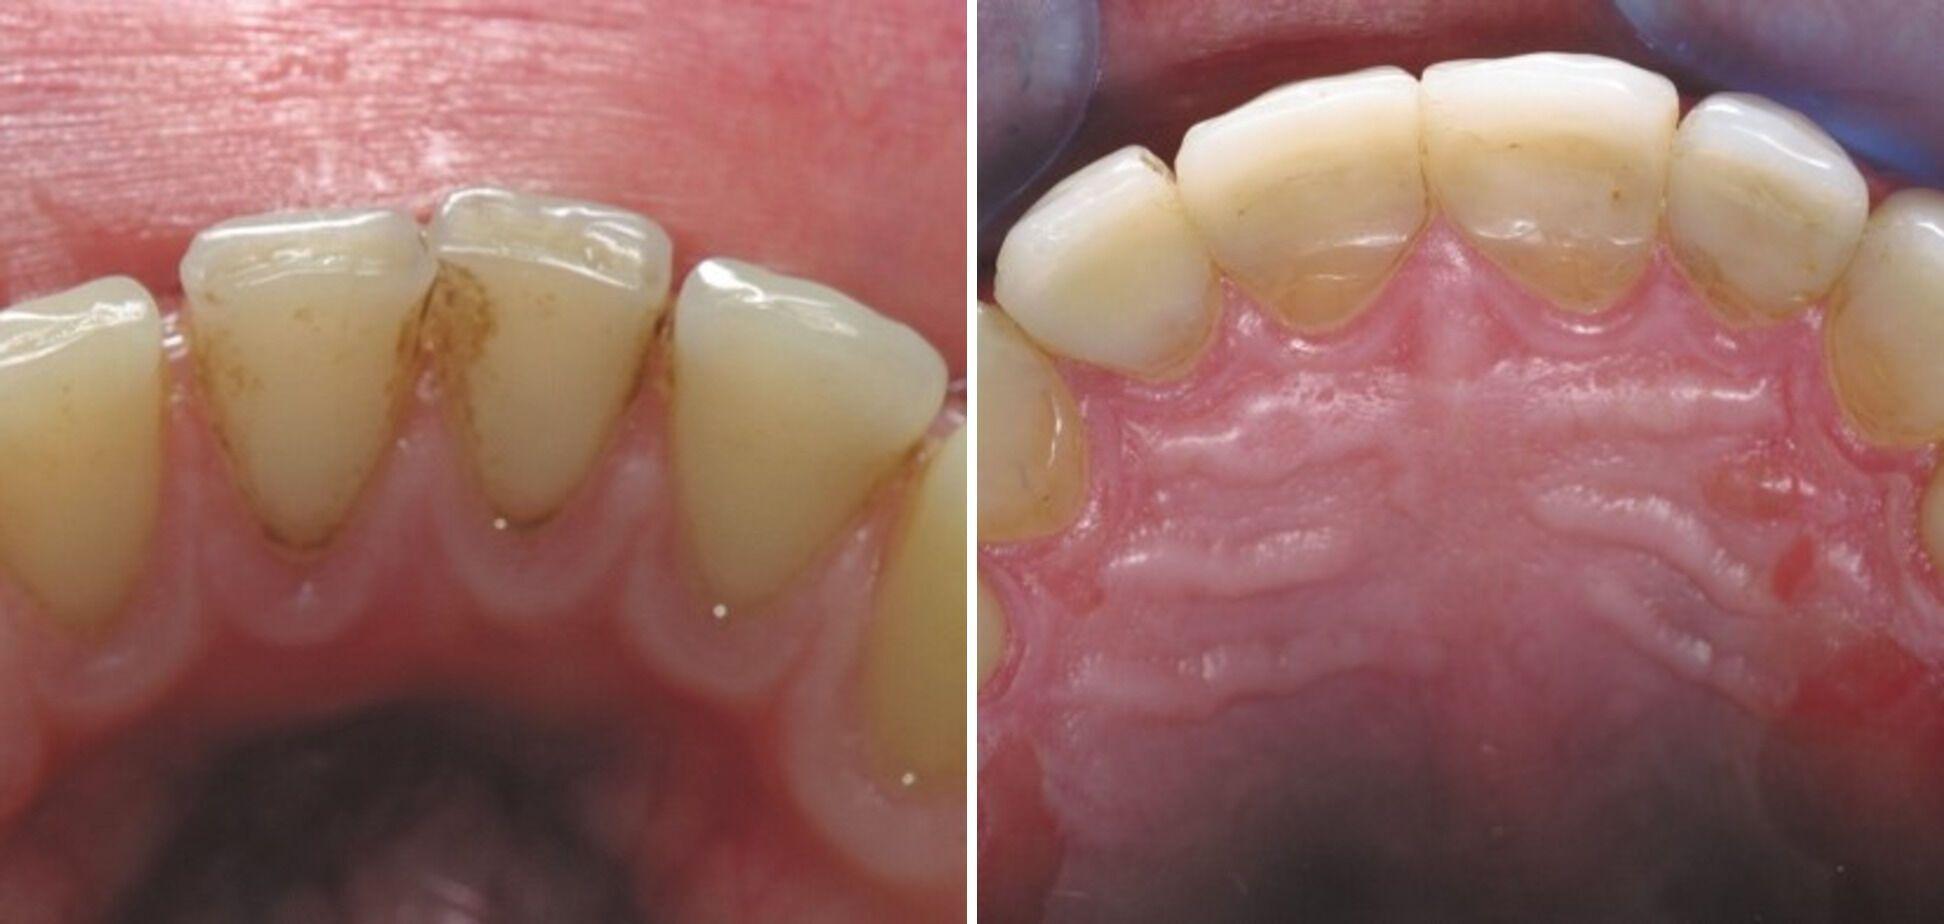 Влияние растворов хлоргексидина у пациентки с композитными реставрациями и хроническим пародонтитом. Снятие зубных отложений около полугода назад.